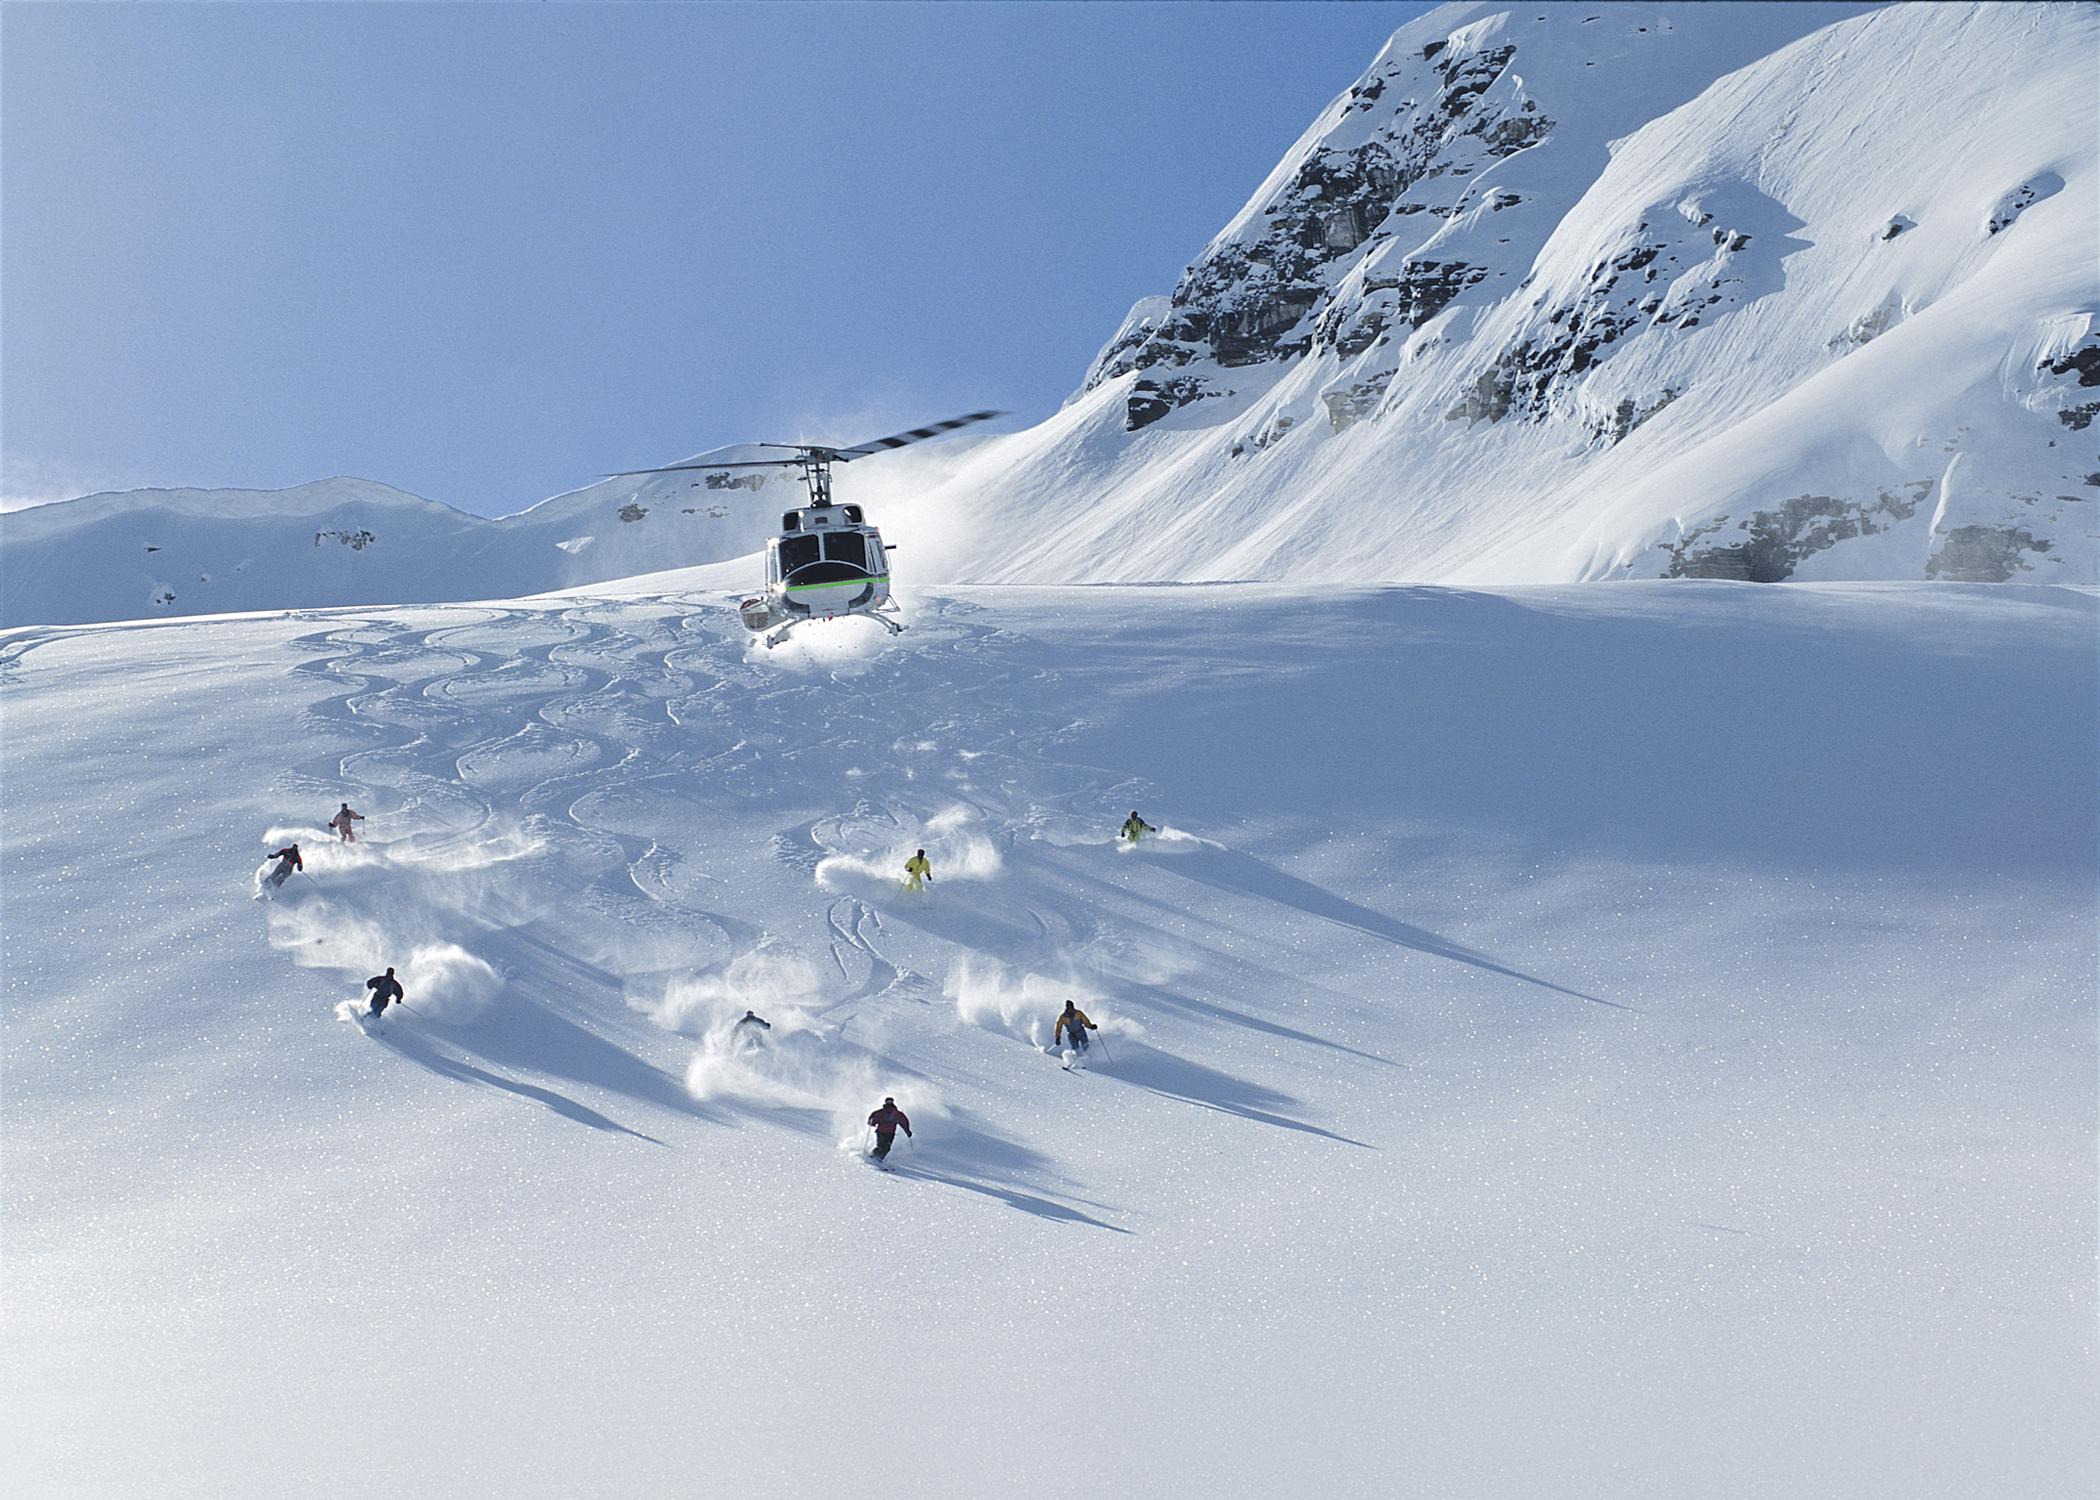 Helikopter skien in Panorama is geweldig om voor eendag te doen tijdens je wintersport in Canadaz